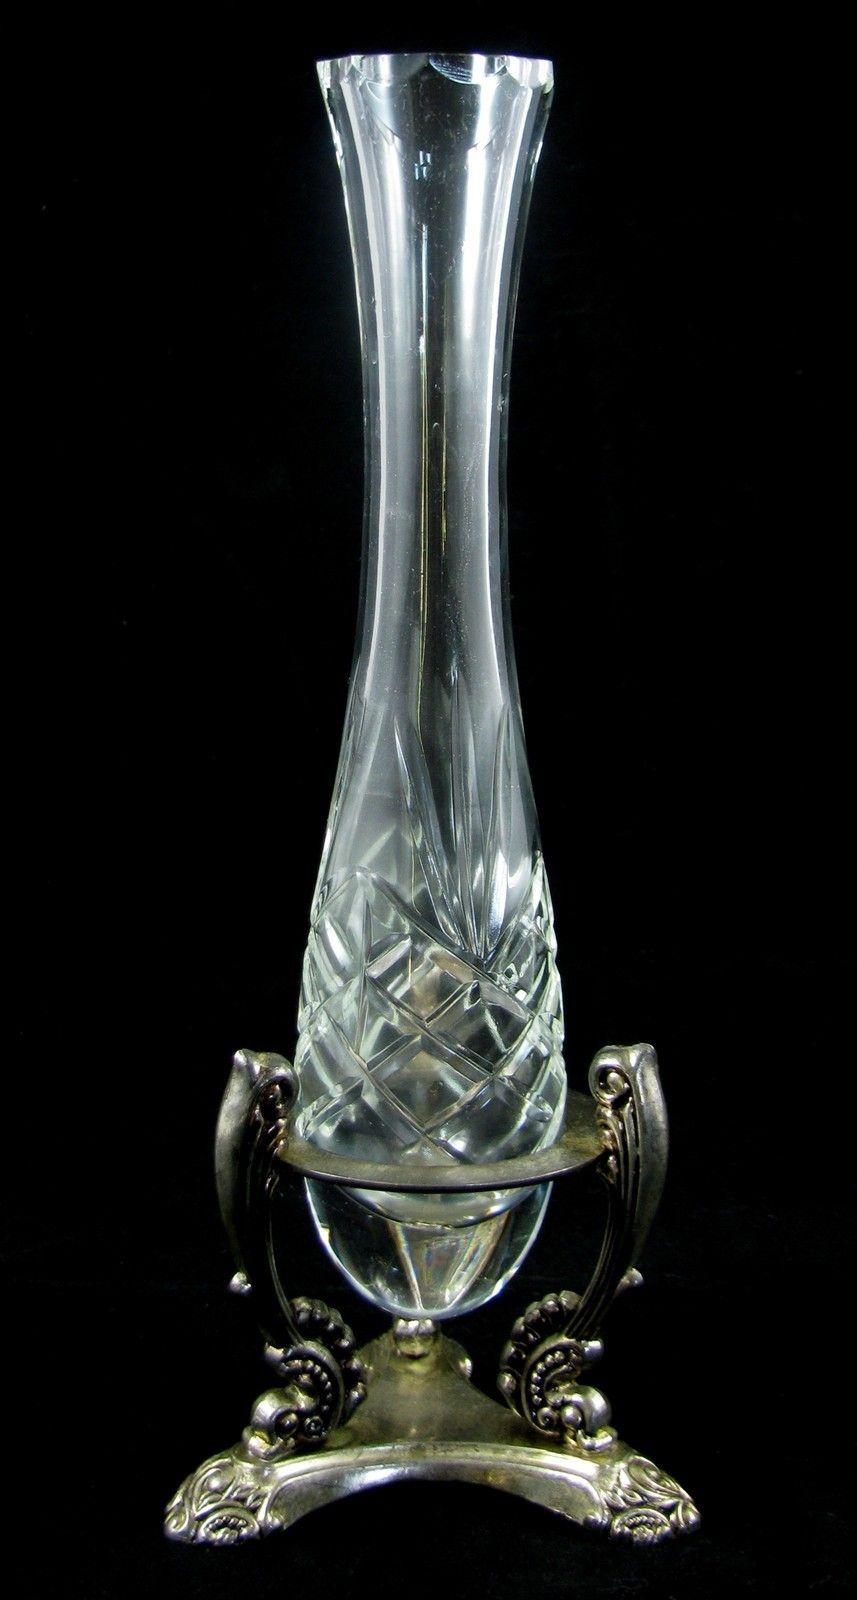 Vintage Sparkling Crystal Cut Vase & Silverplate Ornate Stand Godinger SilverArt